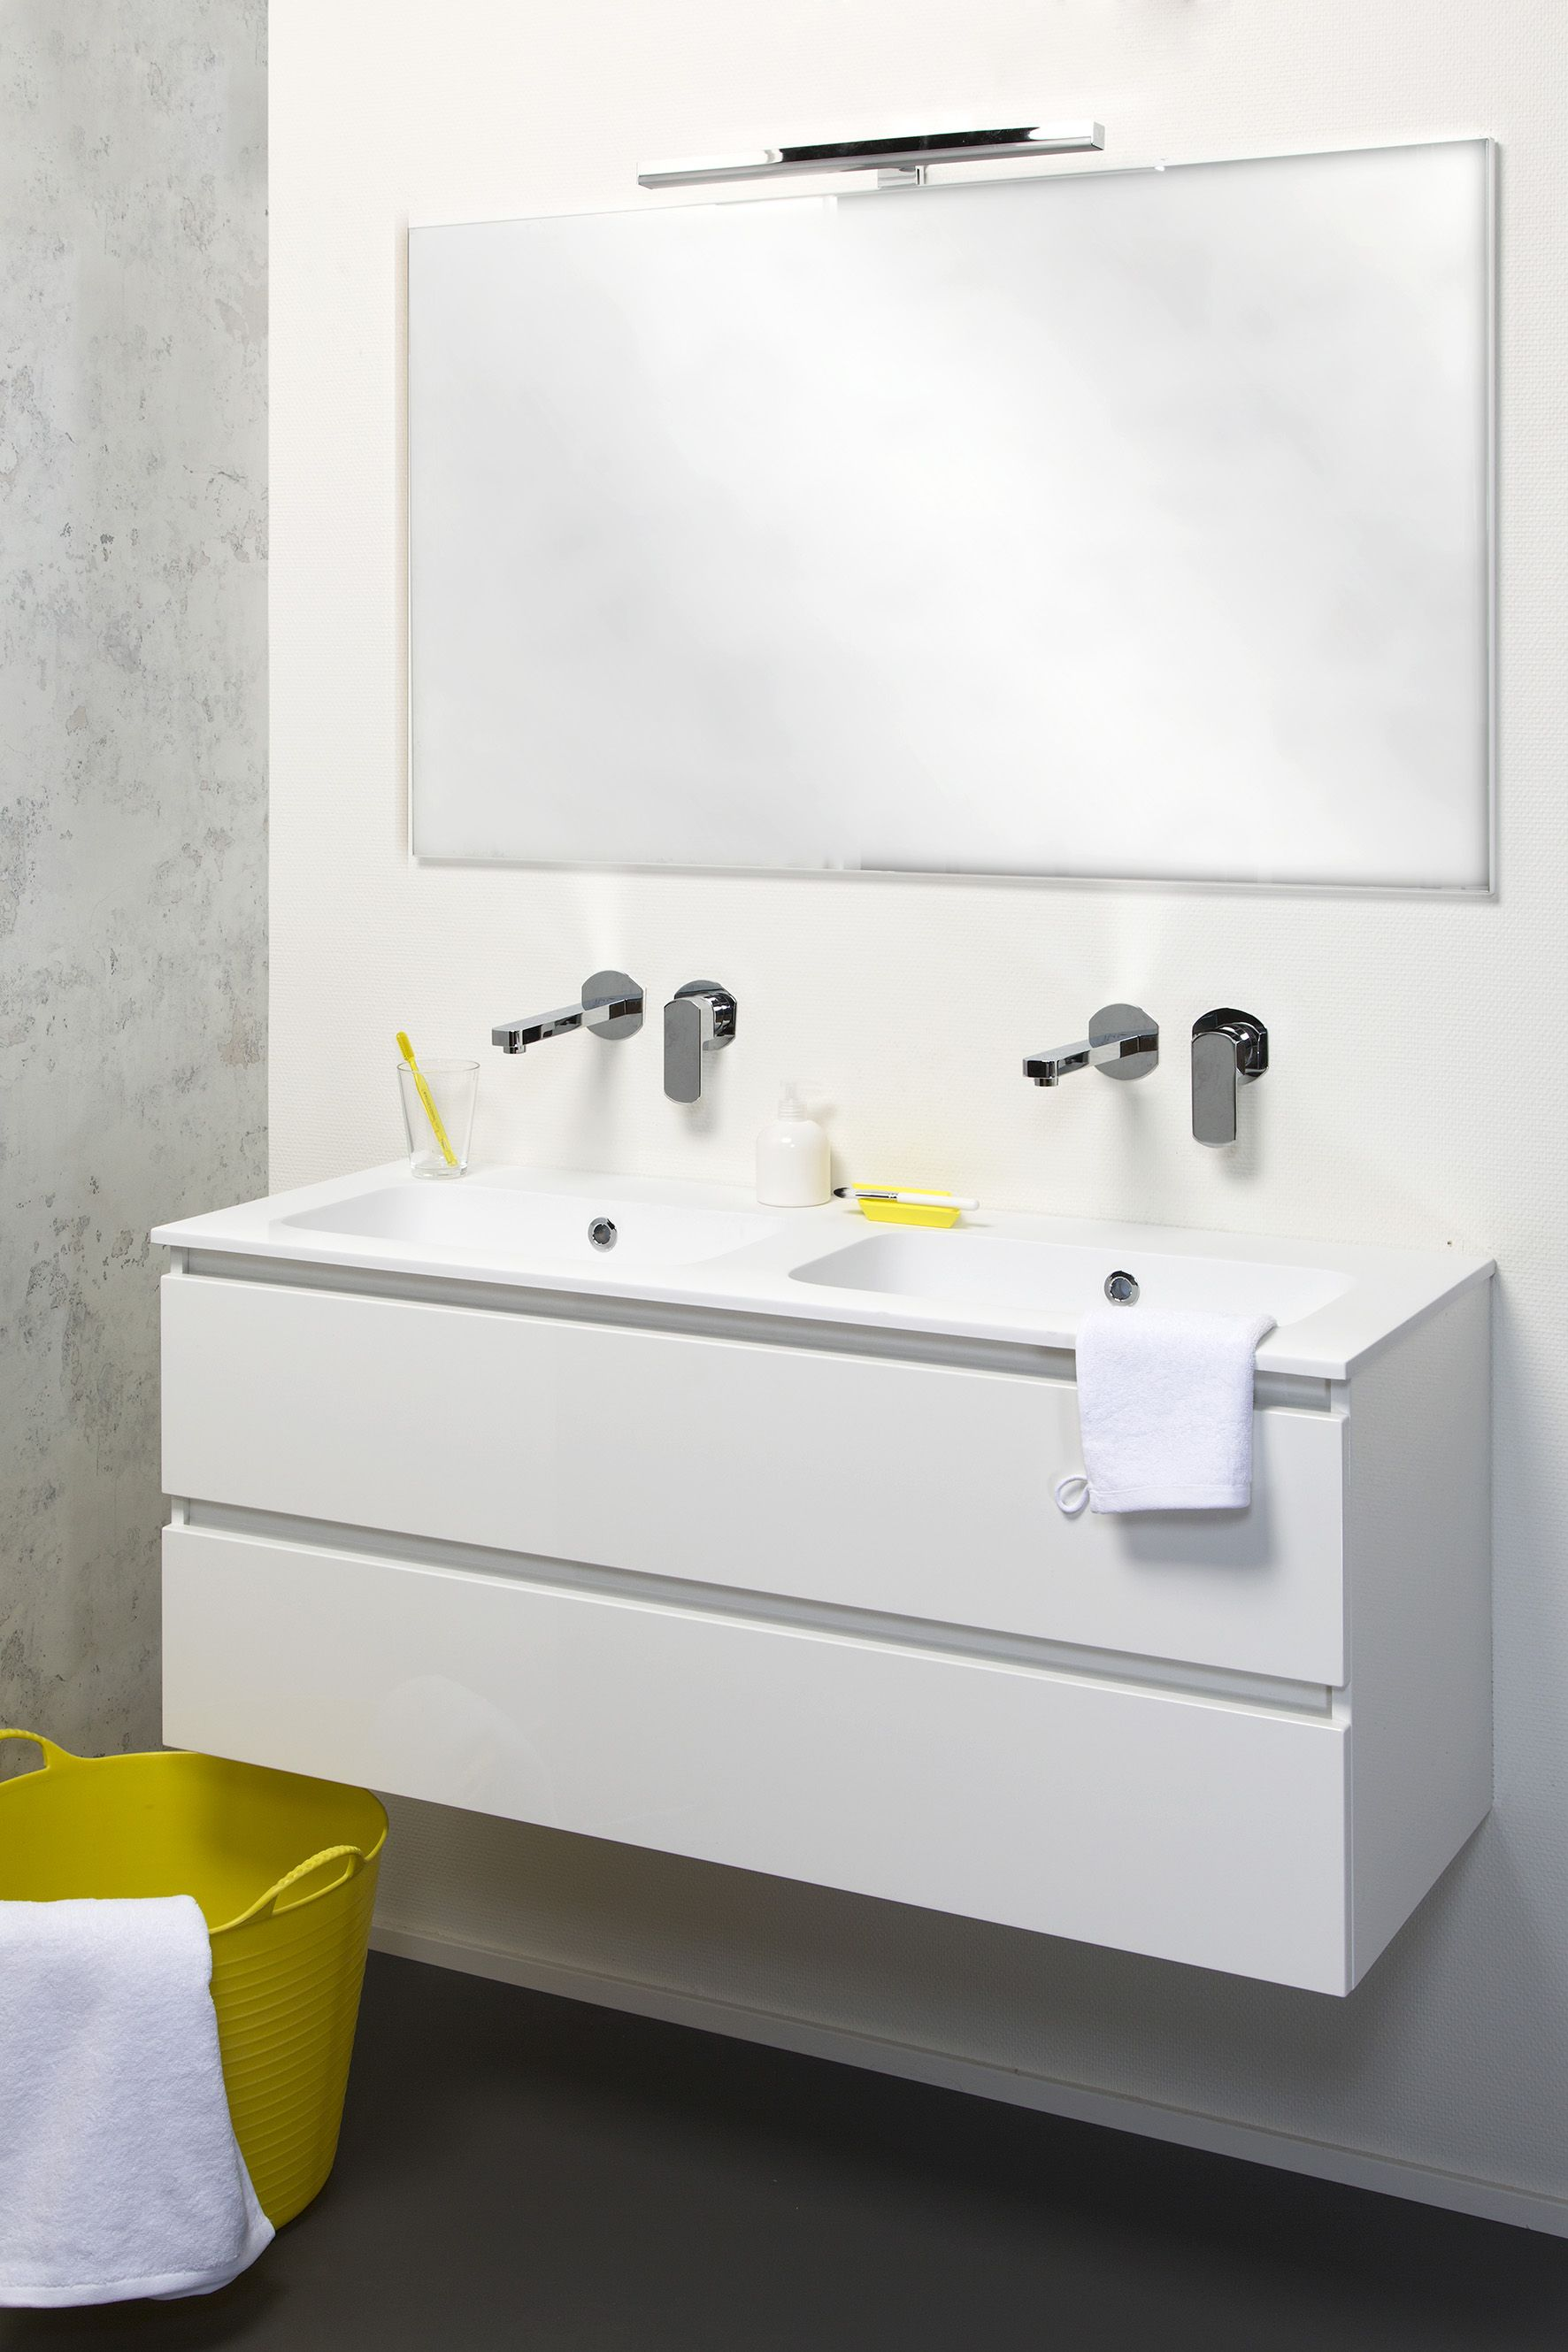 badkamermeubel lavanto allasio in hoogglans wit met solid marmo